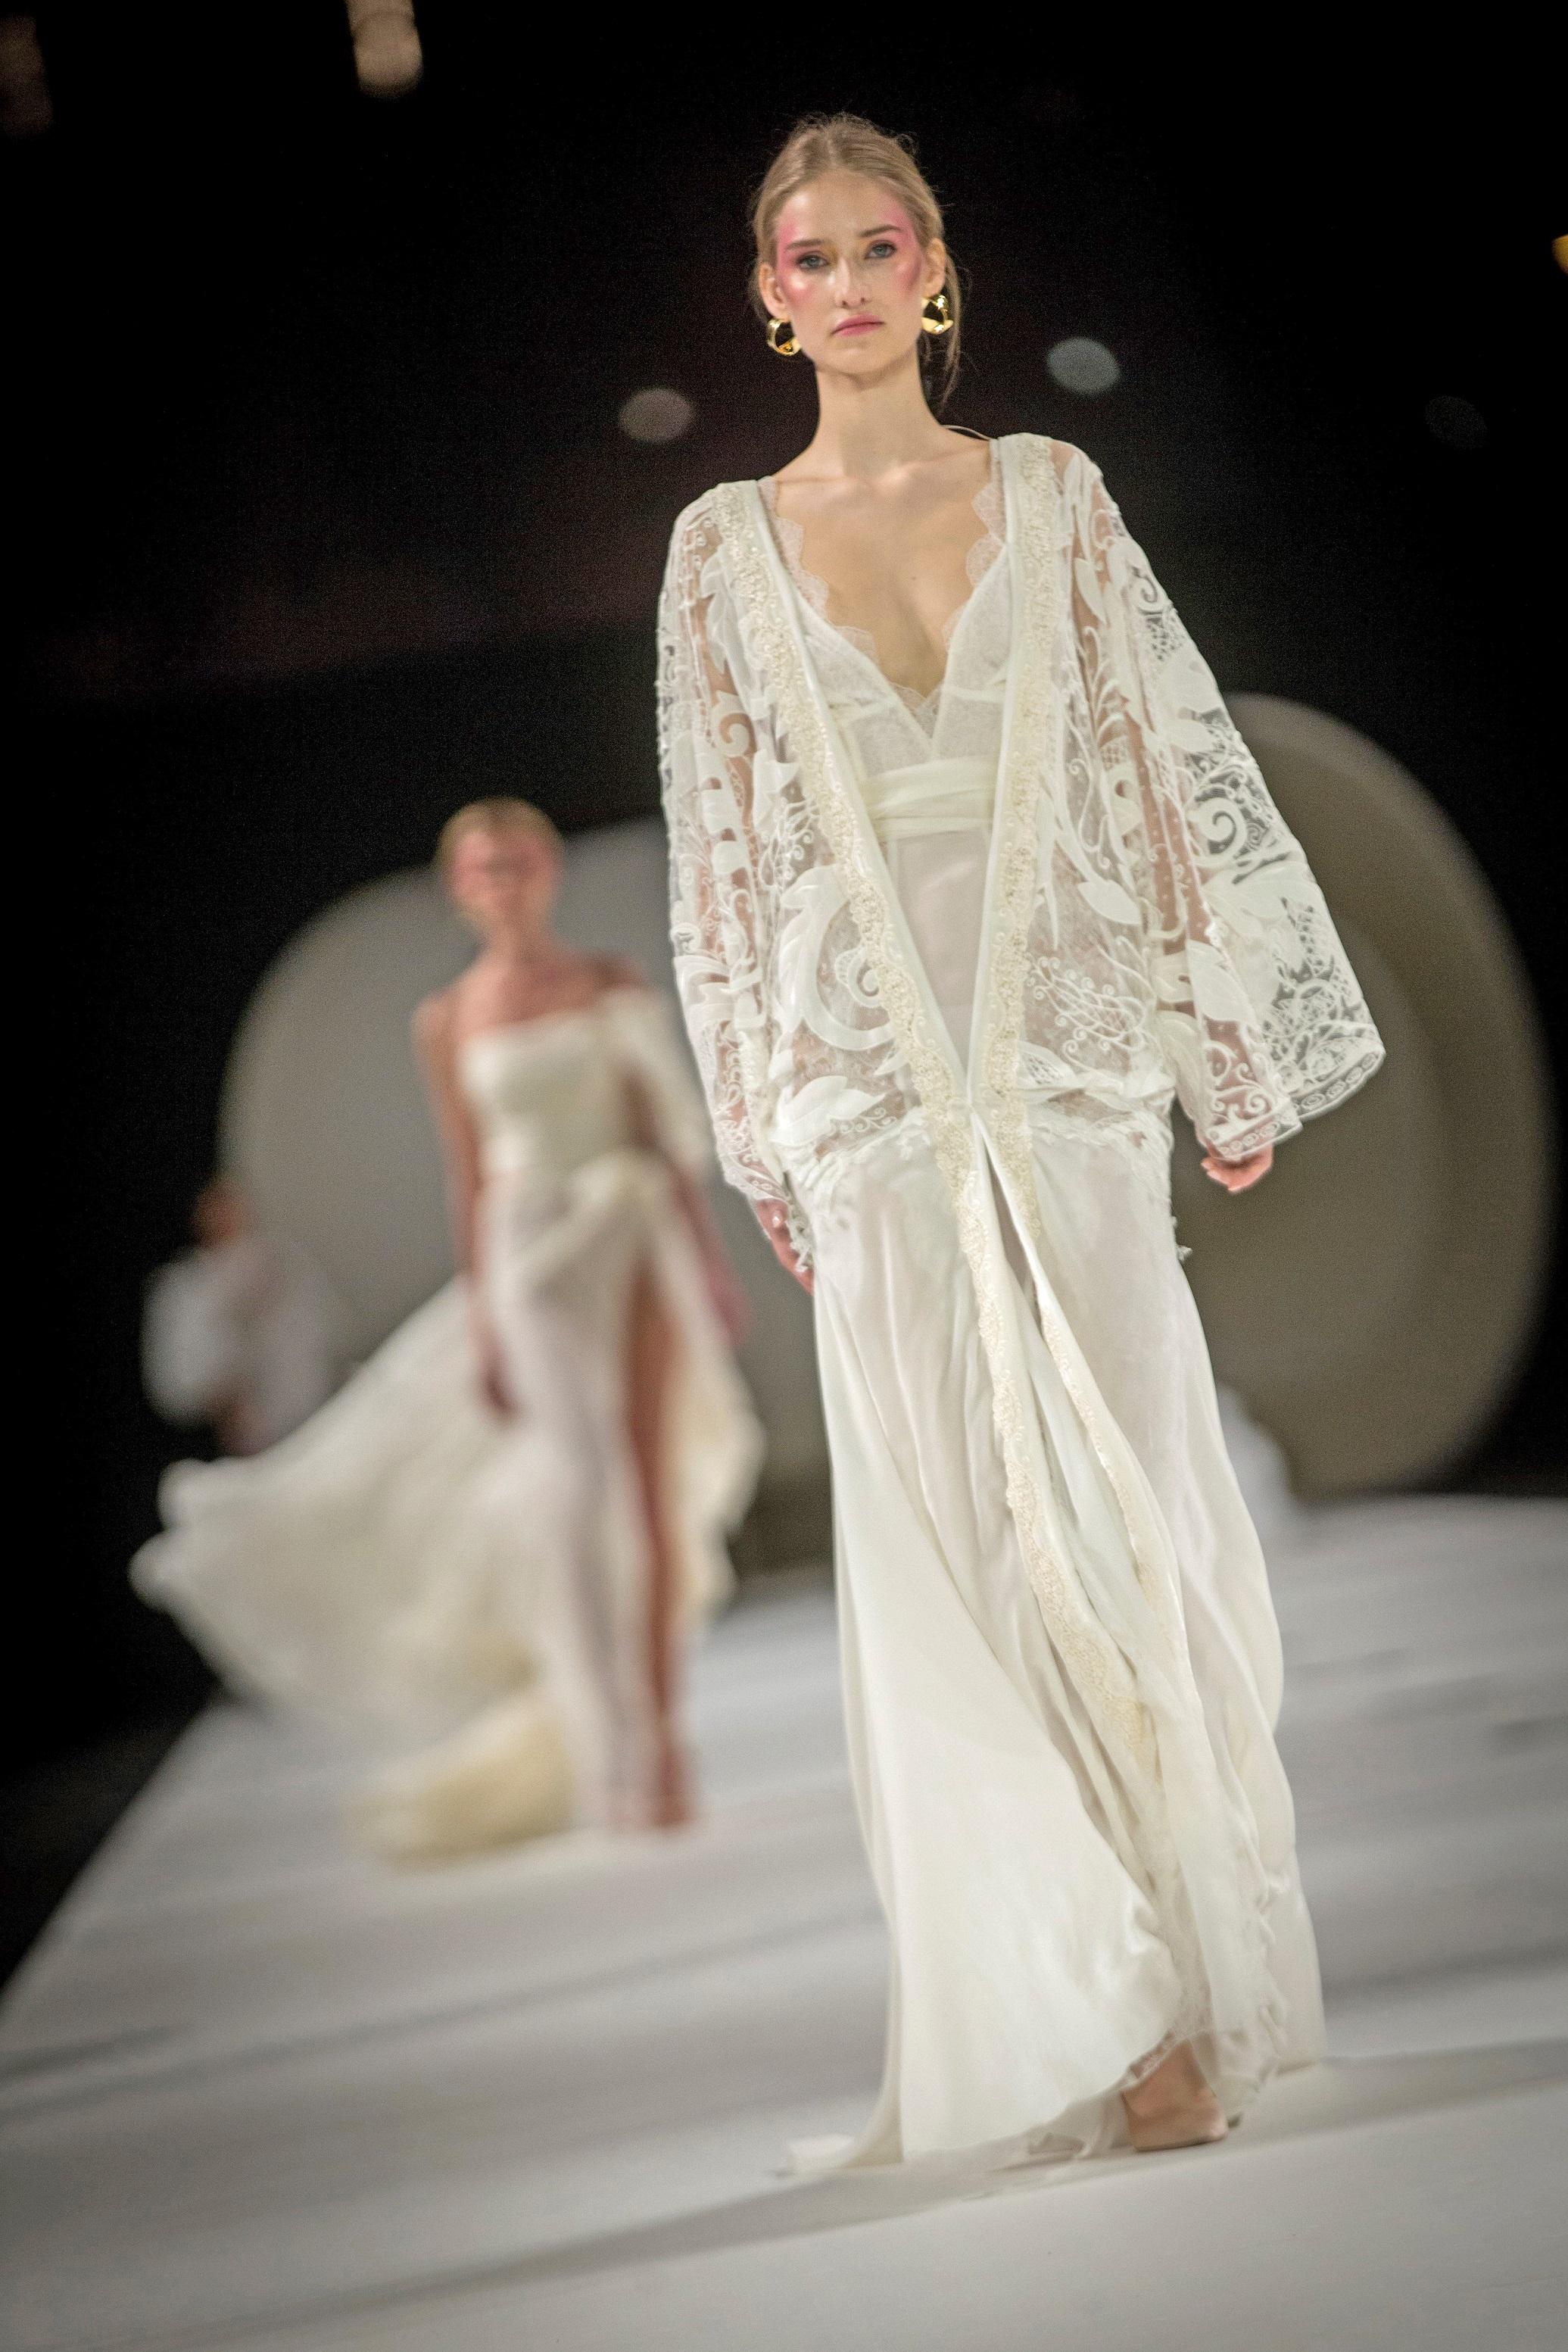 Una modelo desfila con un diseño de la colección IDENTITY de la firma nupcial YolanCris en última edición de la Barcelona Bridal Fashion Week. Enric Fontcuberta